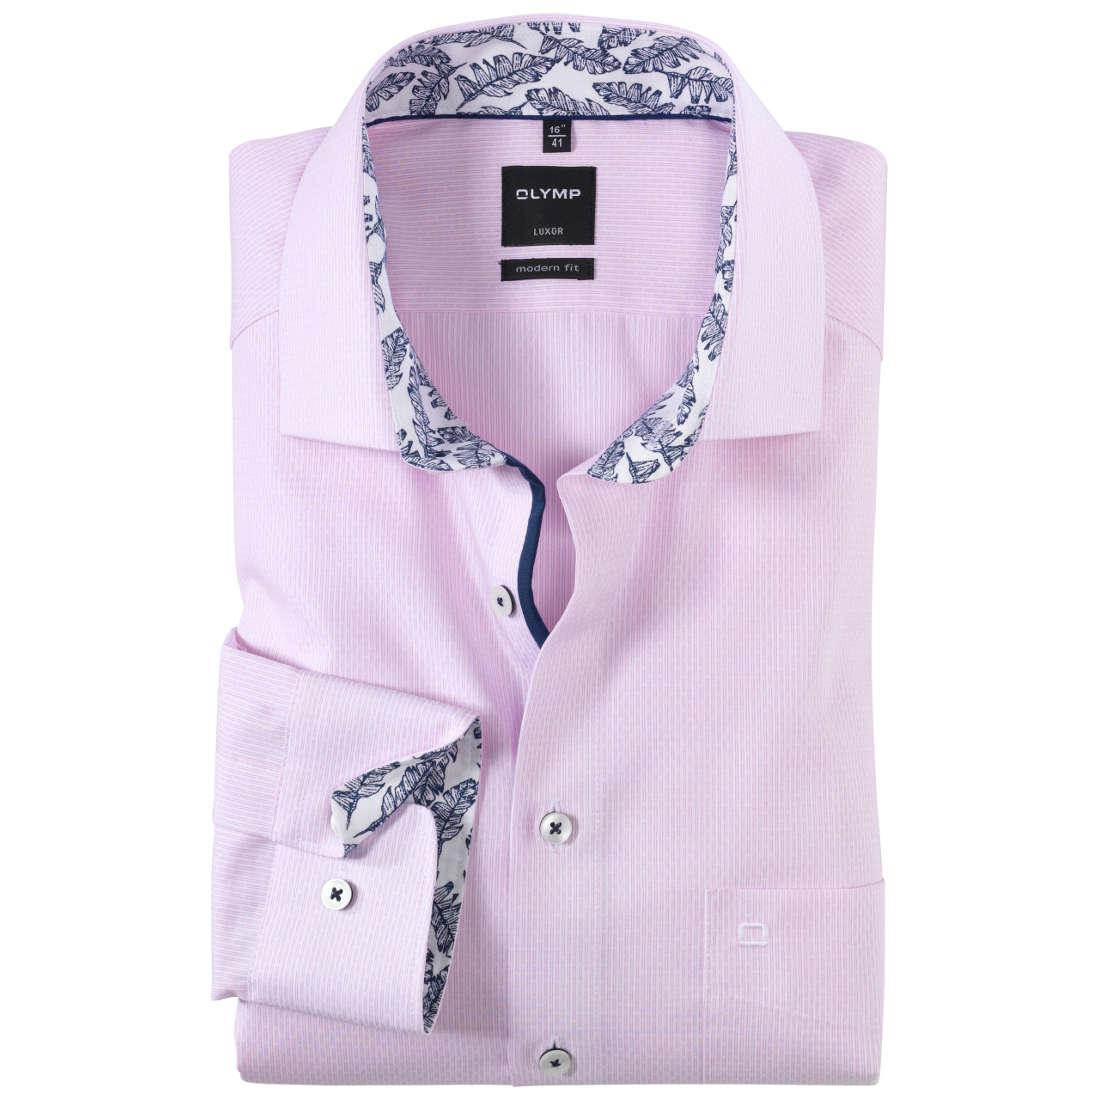 Roze Overhemd.Olymp Overhemd Modern Fit 125914 In Het Roze